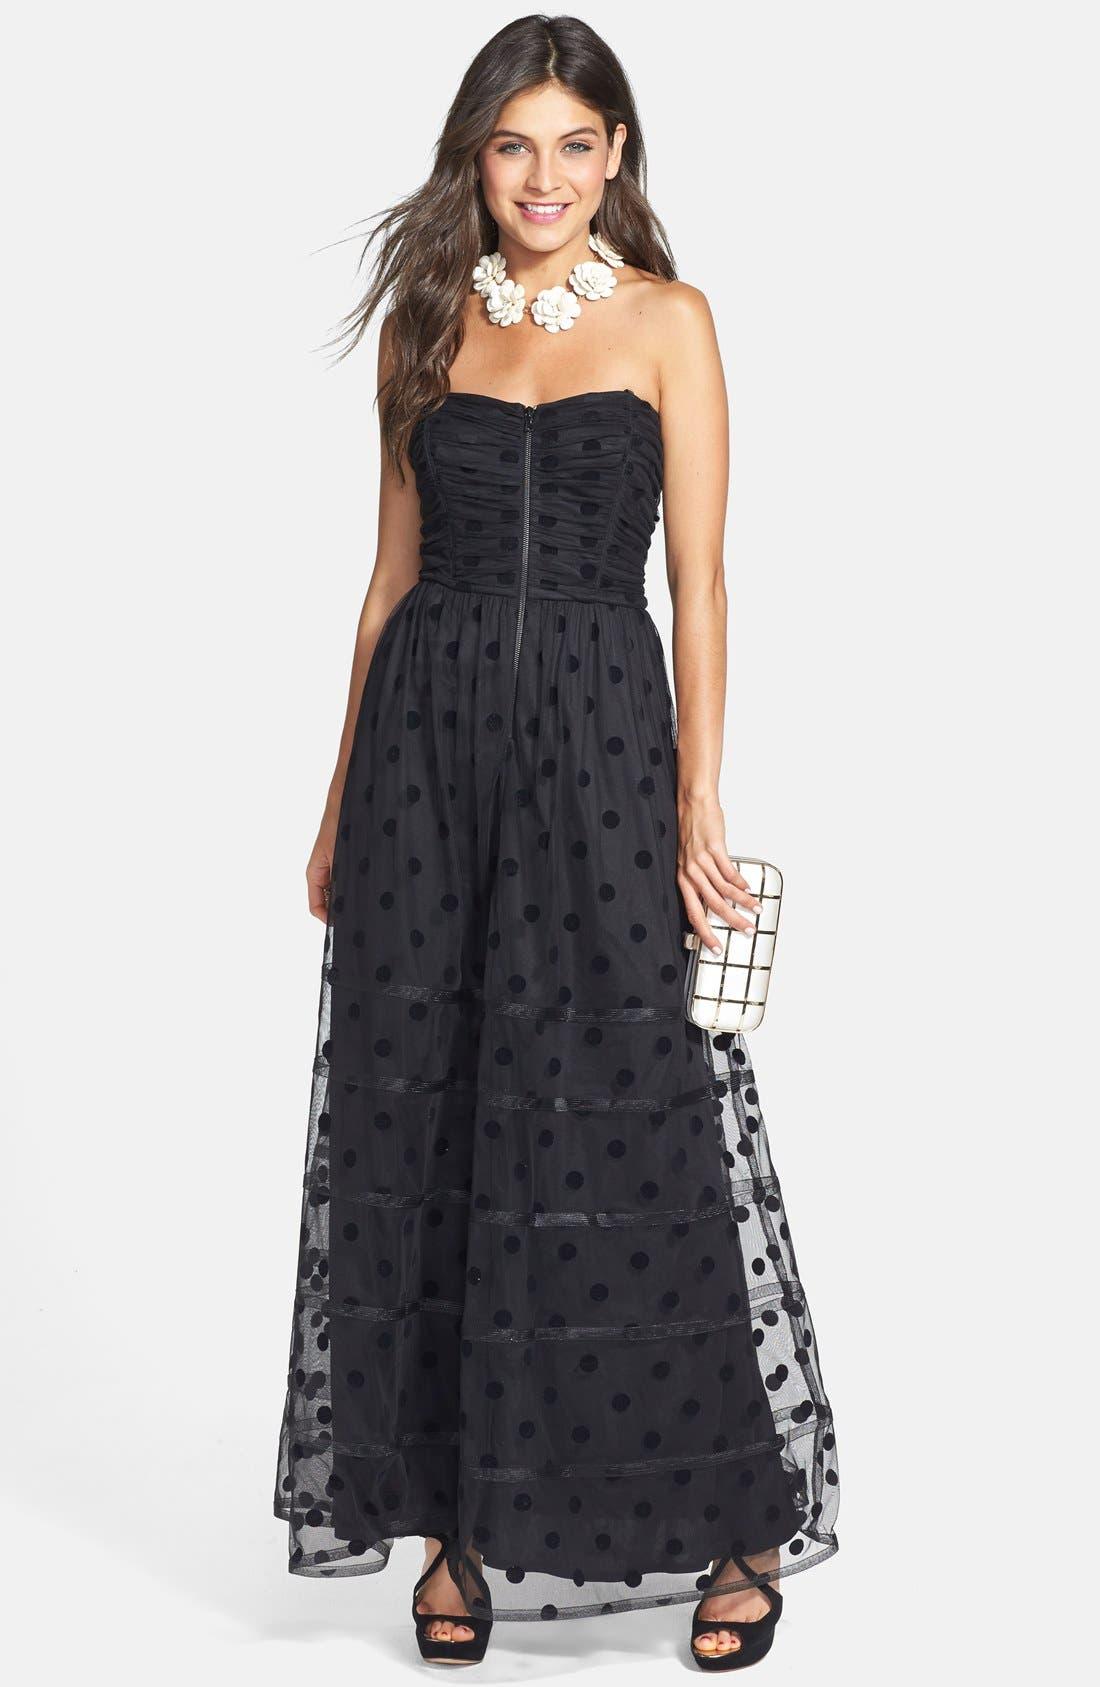 Alternate Image 1 Selected - Betsey Johnson Polka Dot Mesh Gown